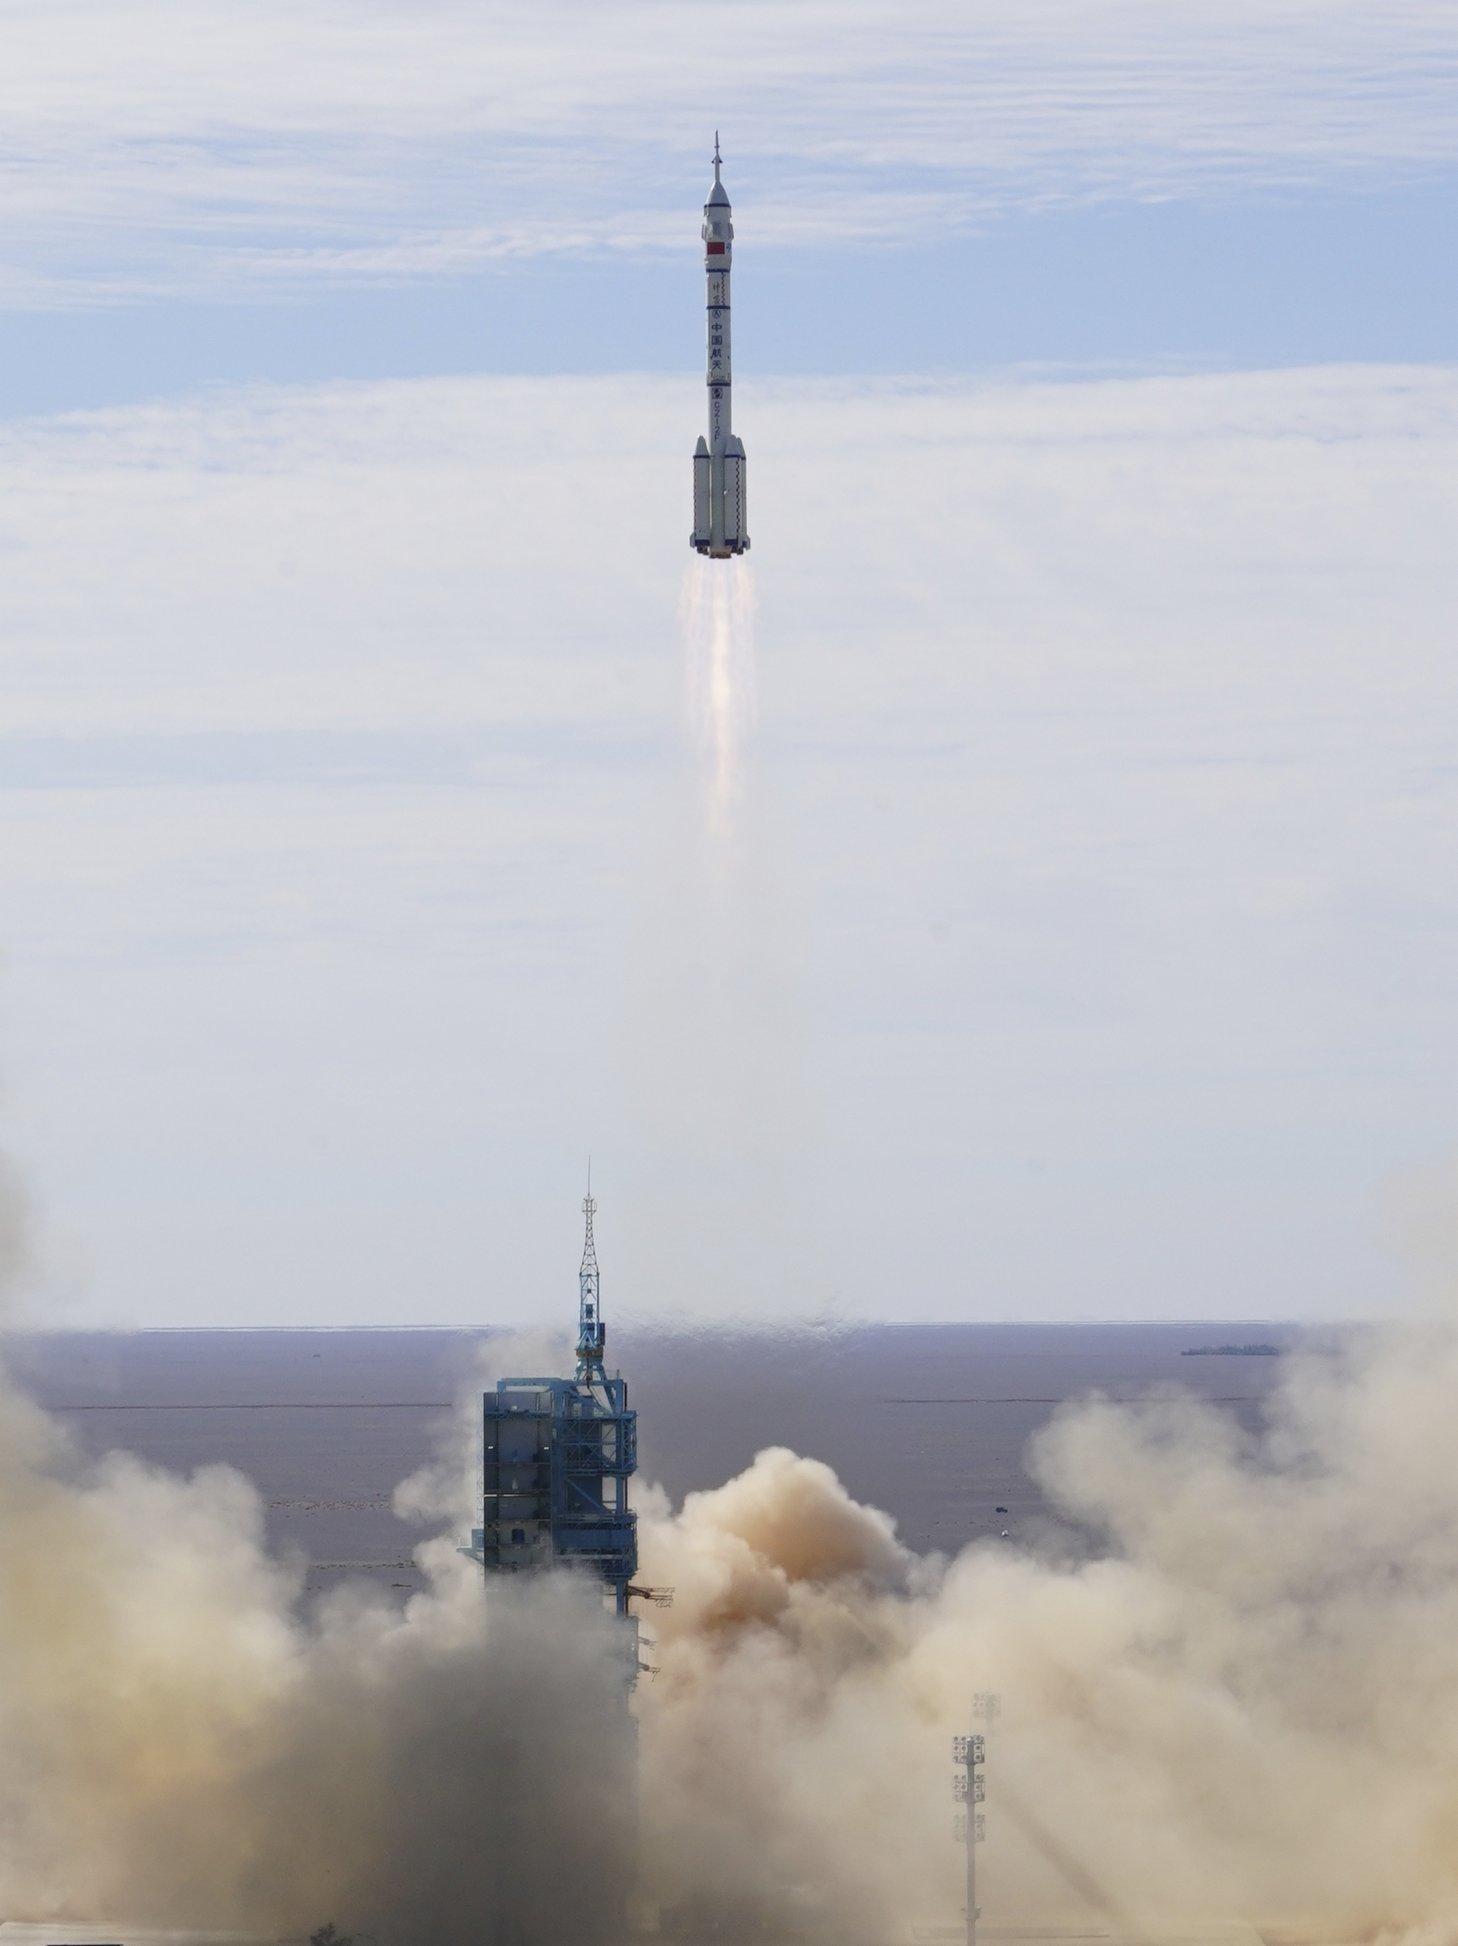 6月17日,搭載著神舟十二號載人飛船的長征二號F遙十二運載火箭在酒泉衛星發射中心點火升空。新華社